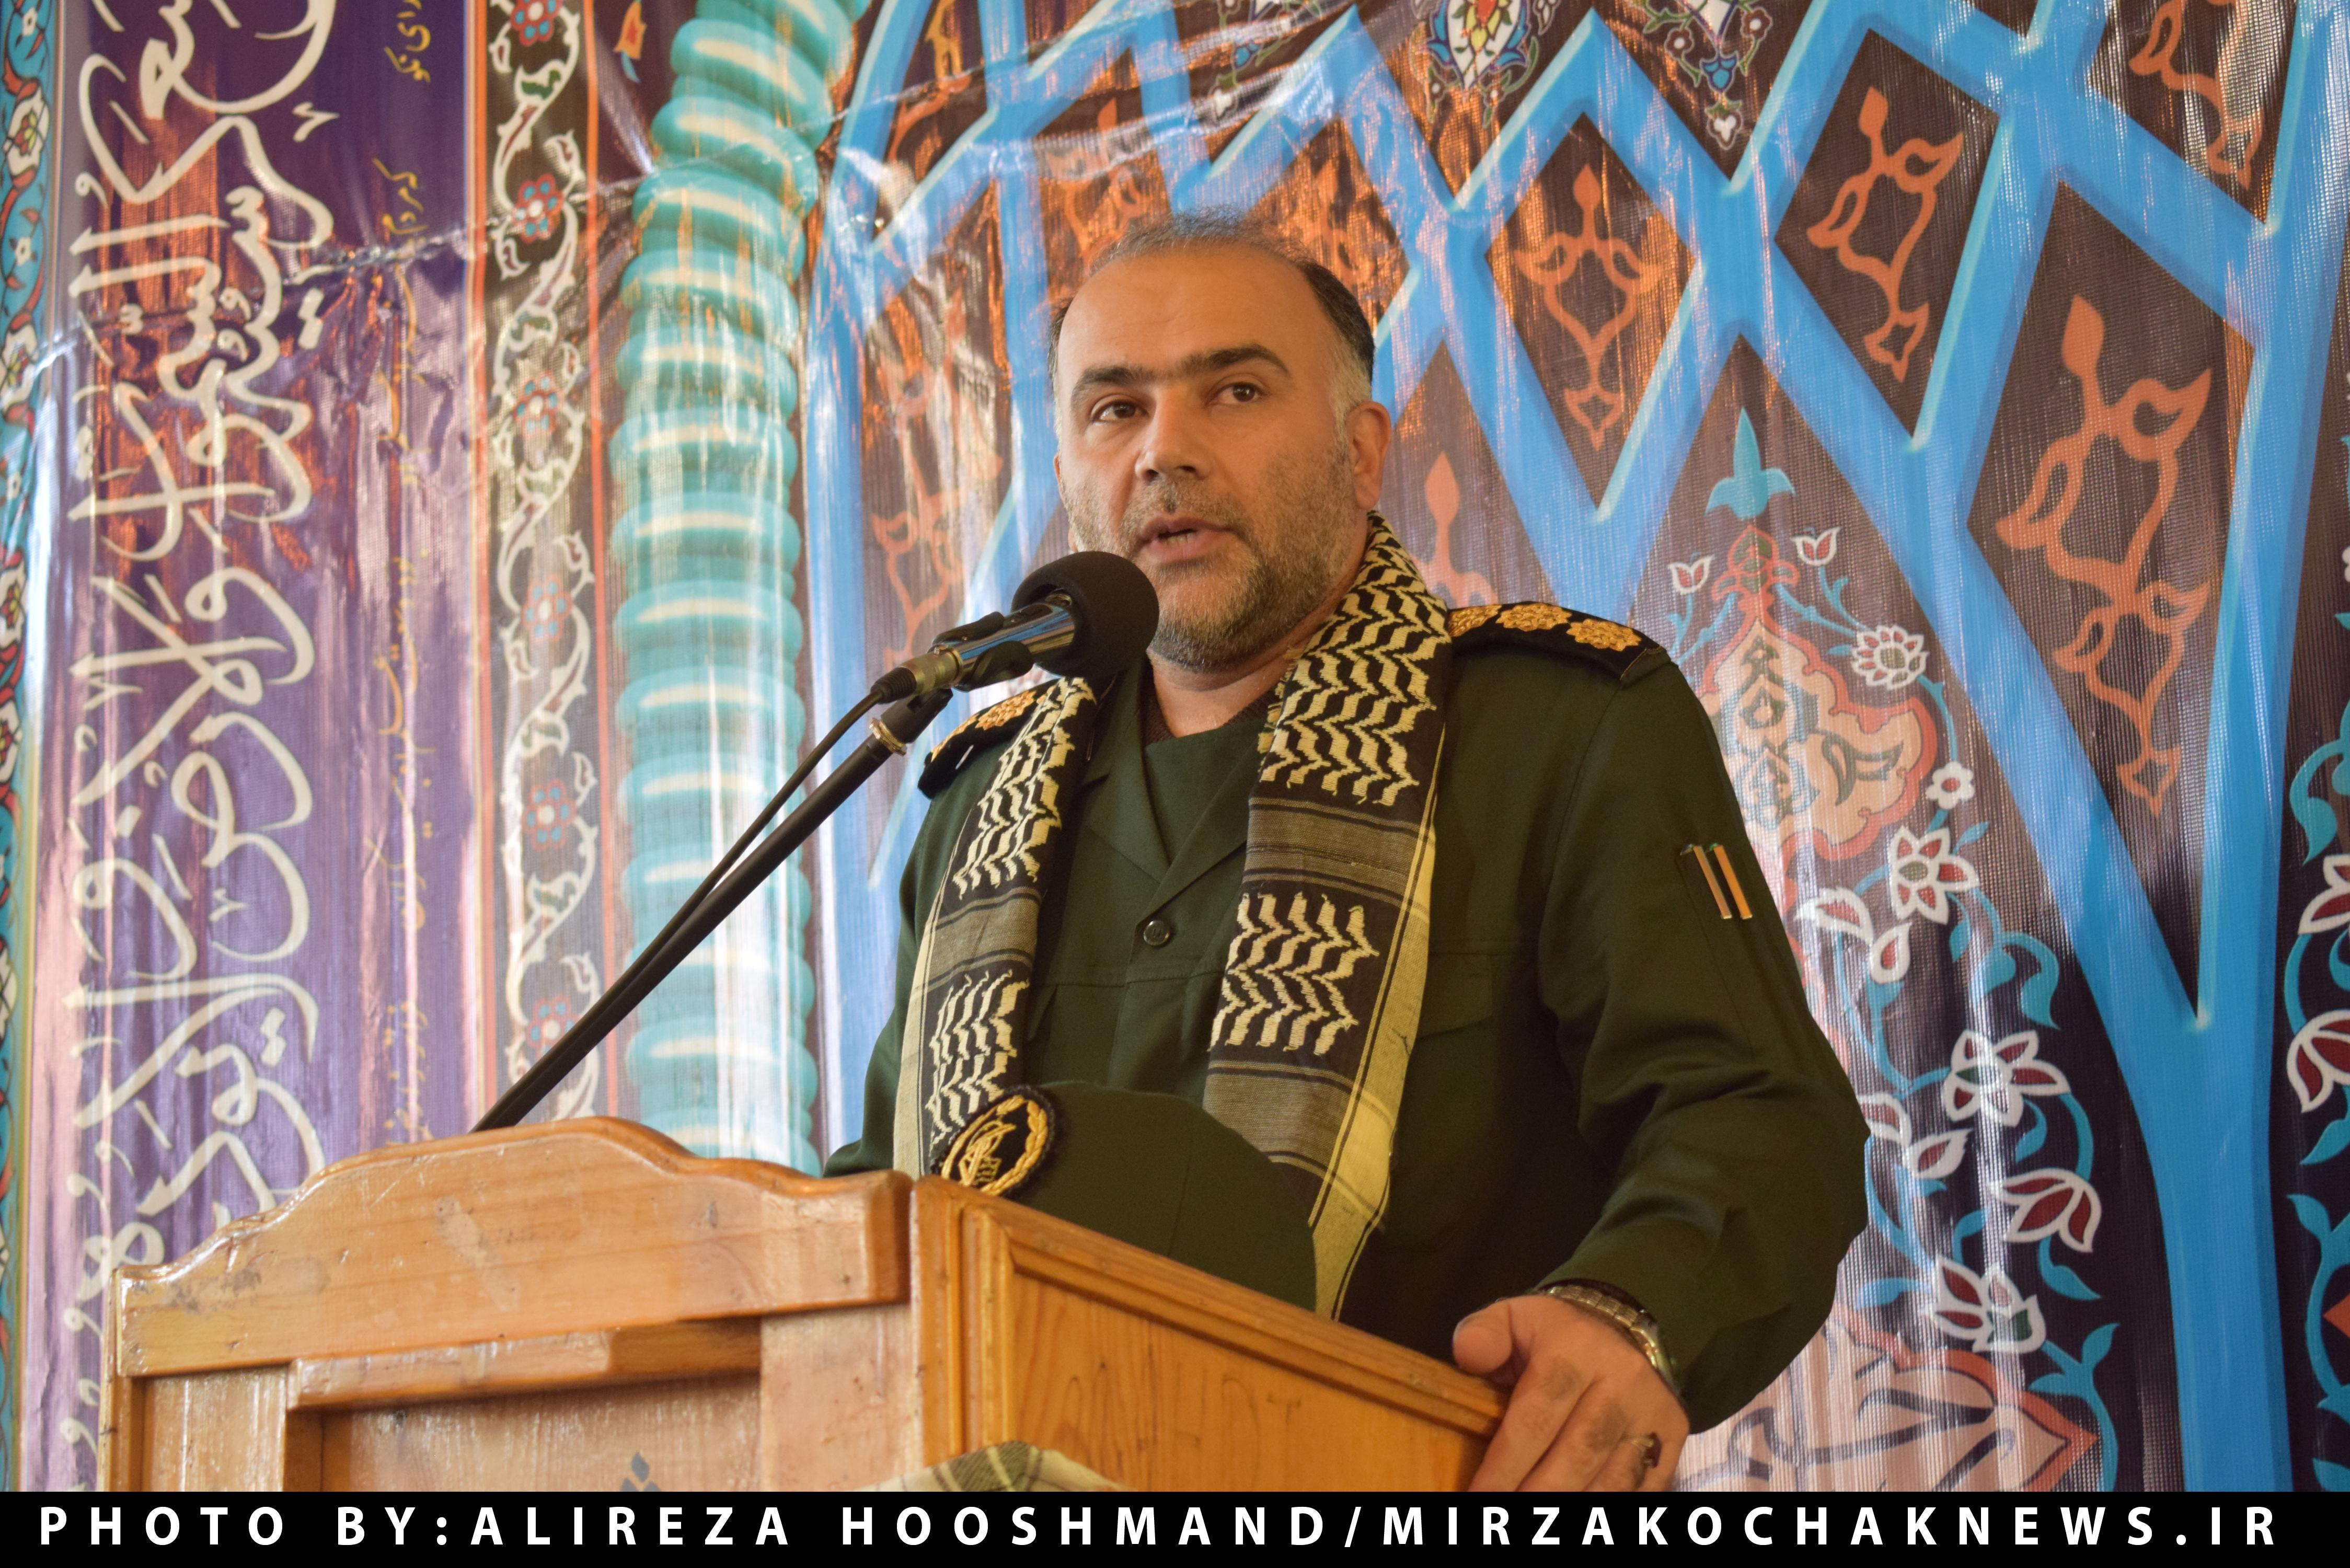 بسیج موتور محرک و قوه پیشران نظام مقدس جمهوری اسلامی ایران است